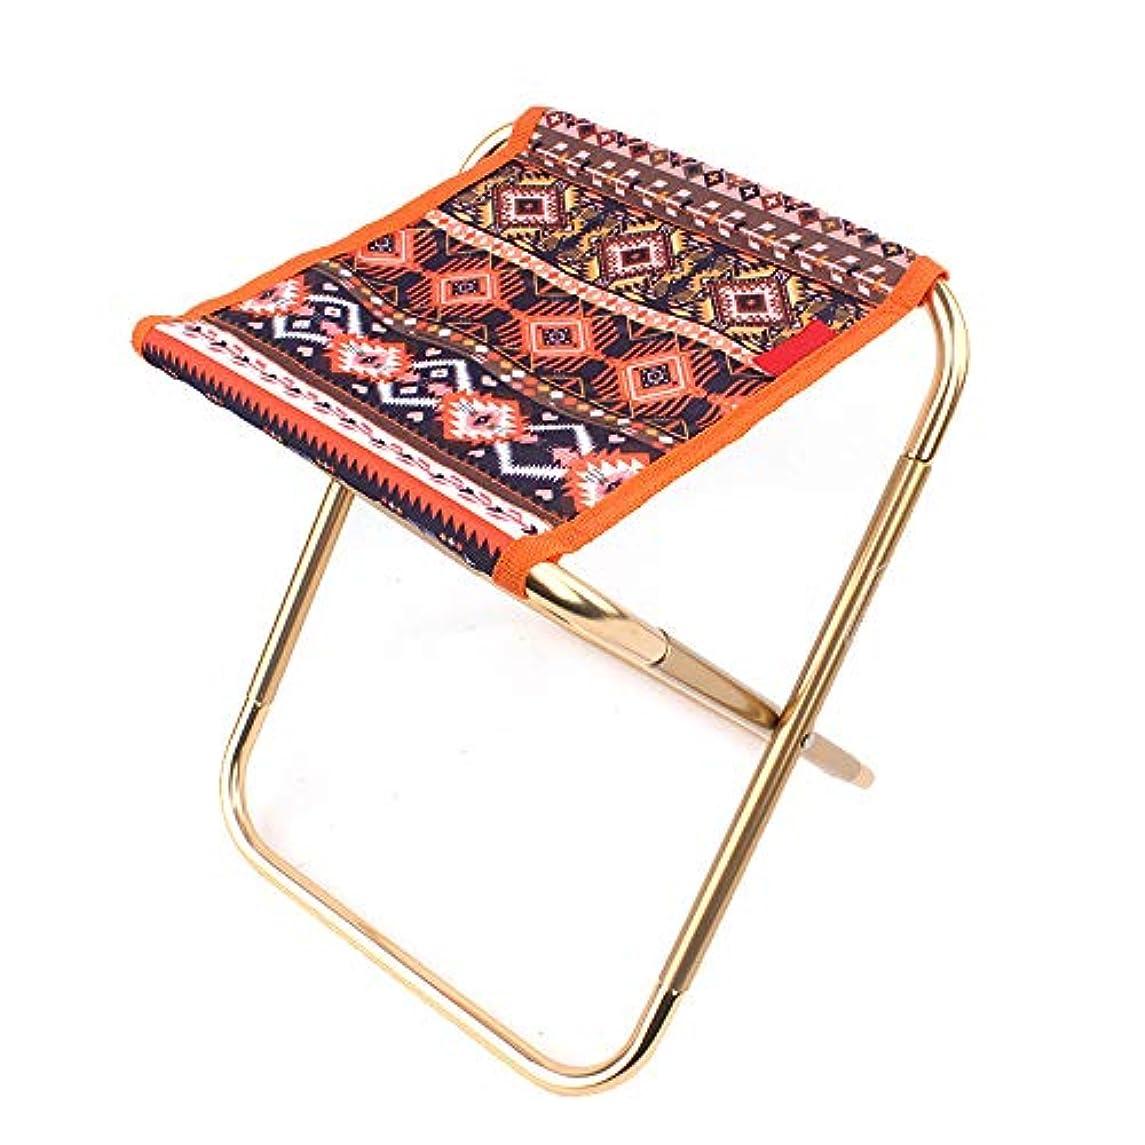 人耐久ドキドキアウトドアチェア 折りたたみ コンパクト椅子 耐荷重85kg アルミ合金 携帯便利 簡単に収納 収納バッグ 付き お釣り 登山 キャンプ用